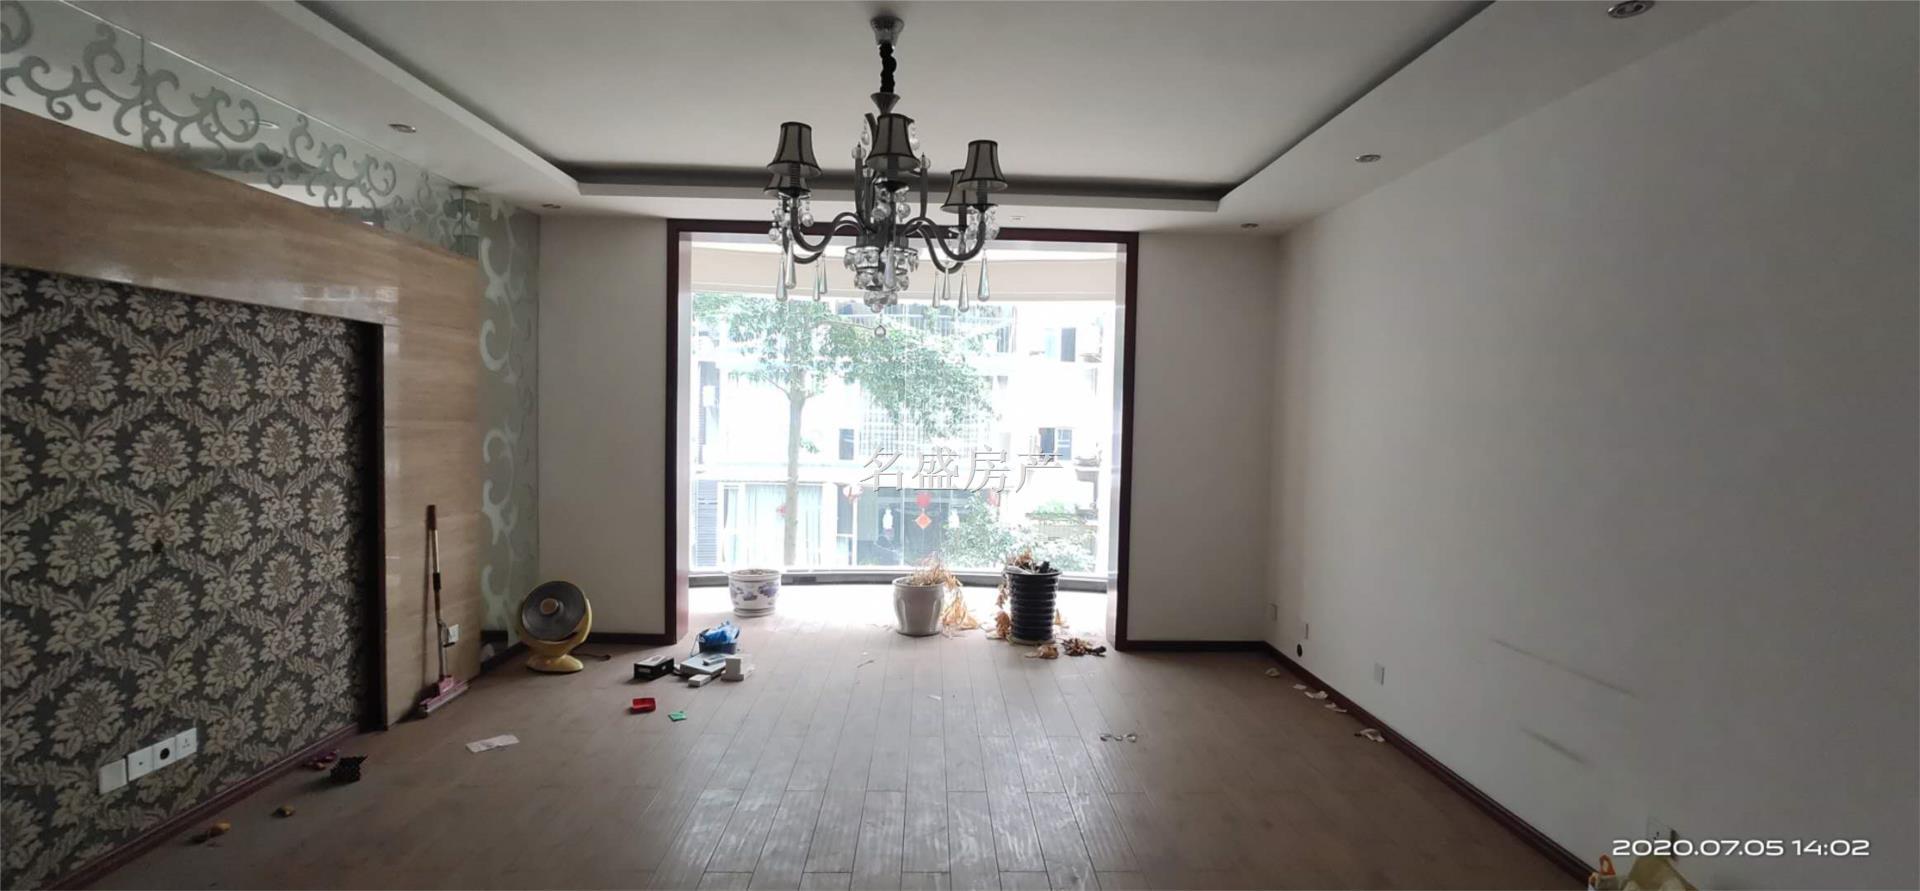 阳光广场附近豪华装修大三室